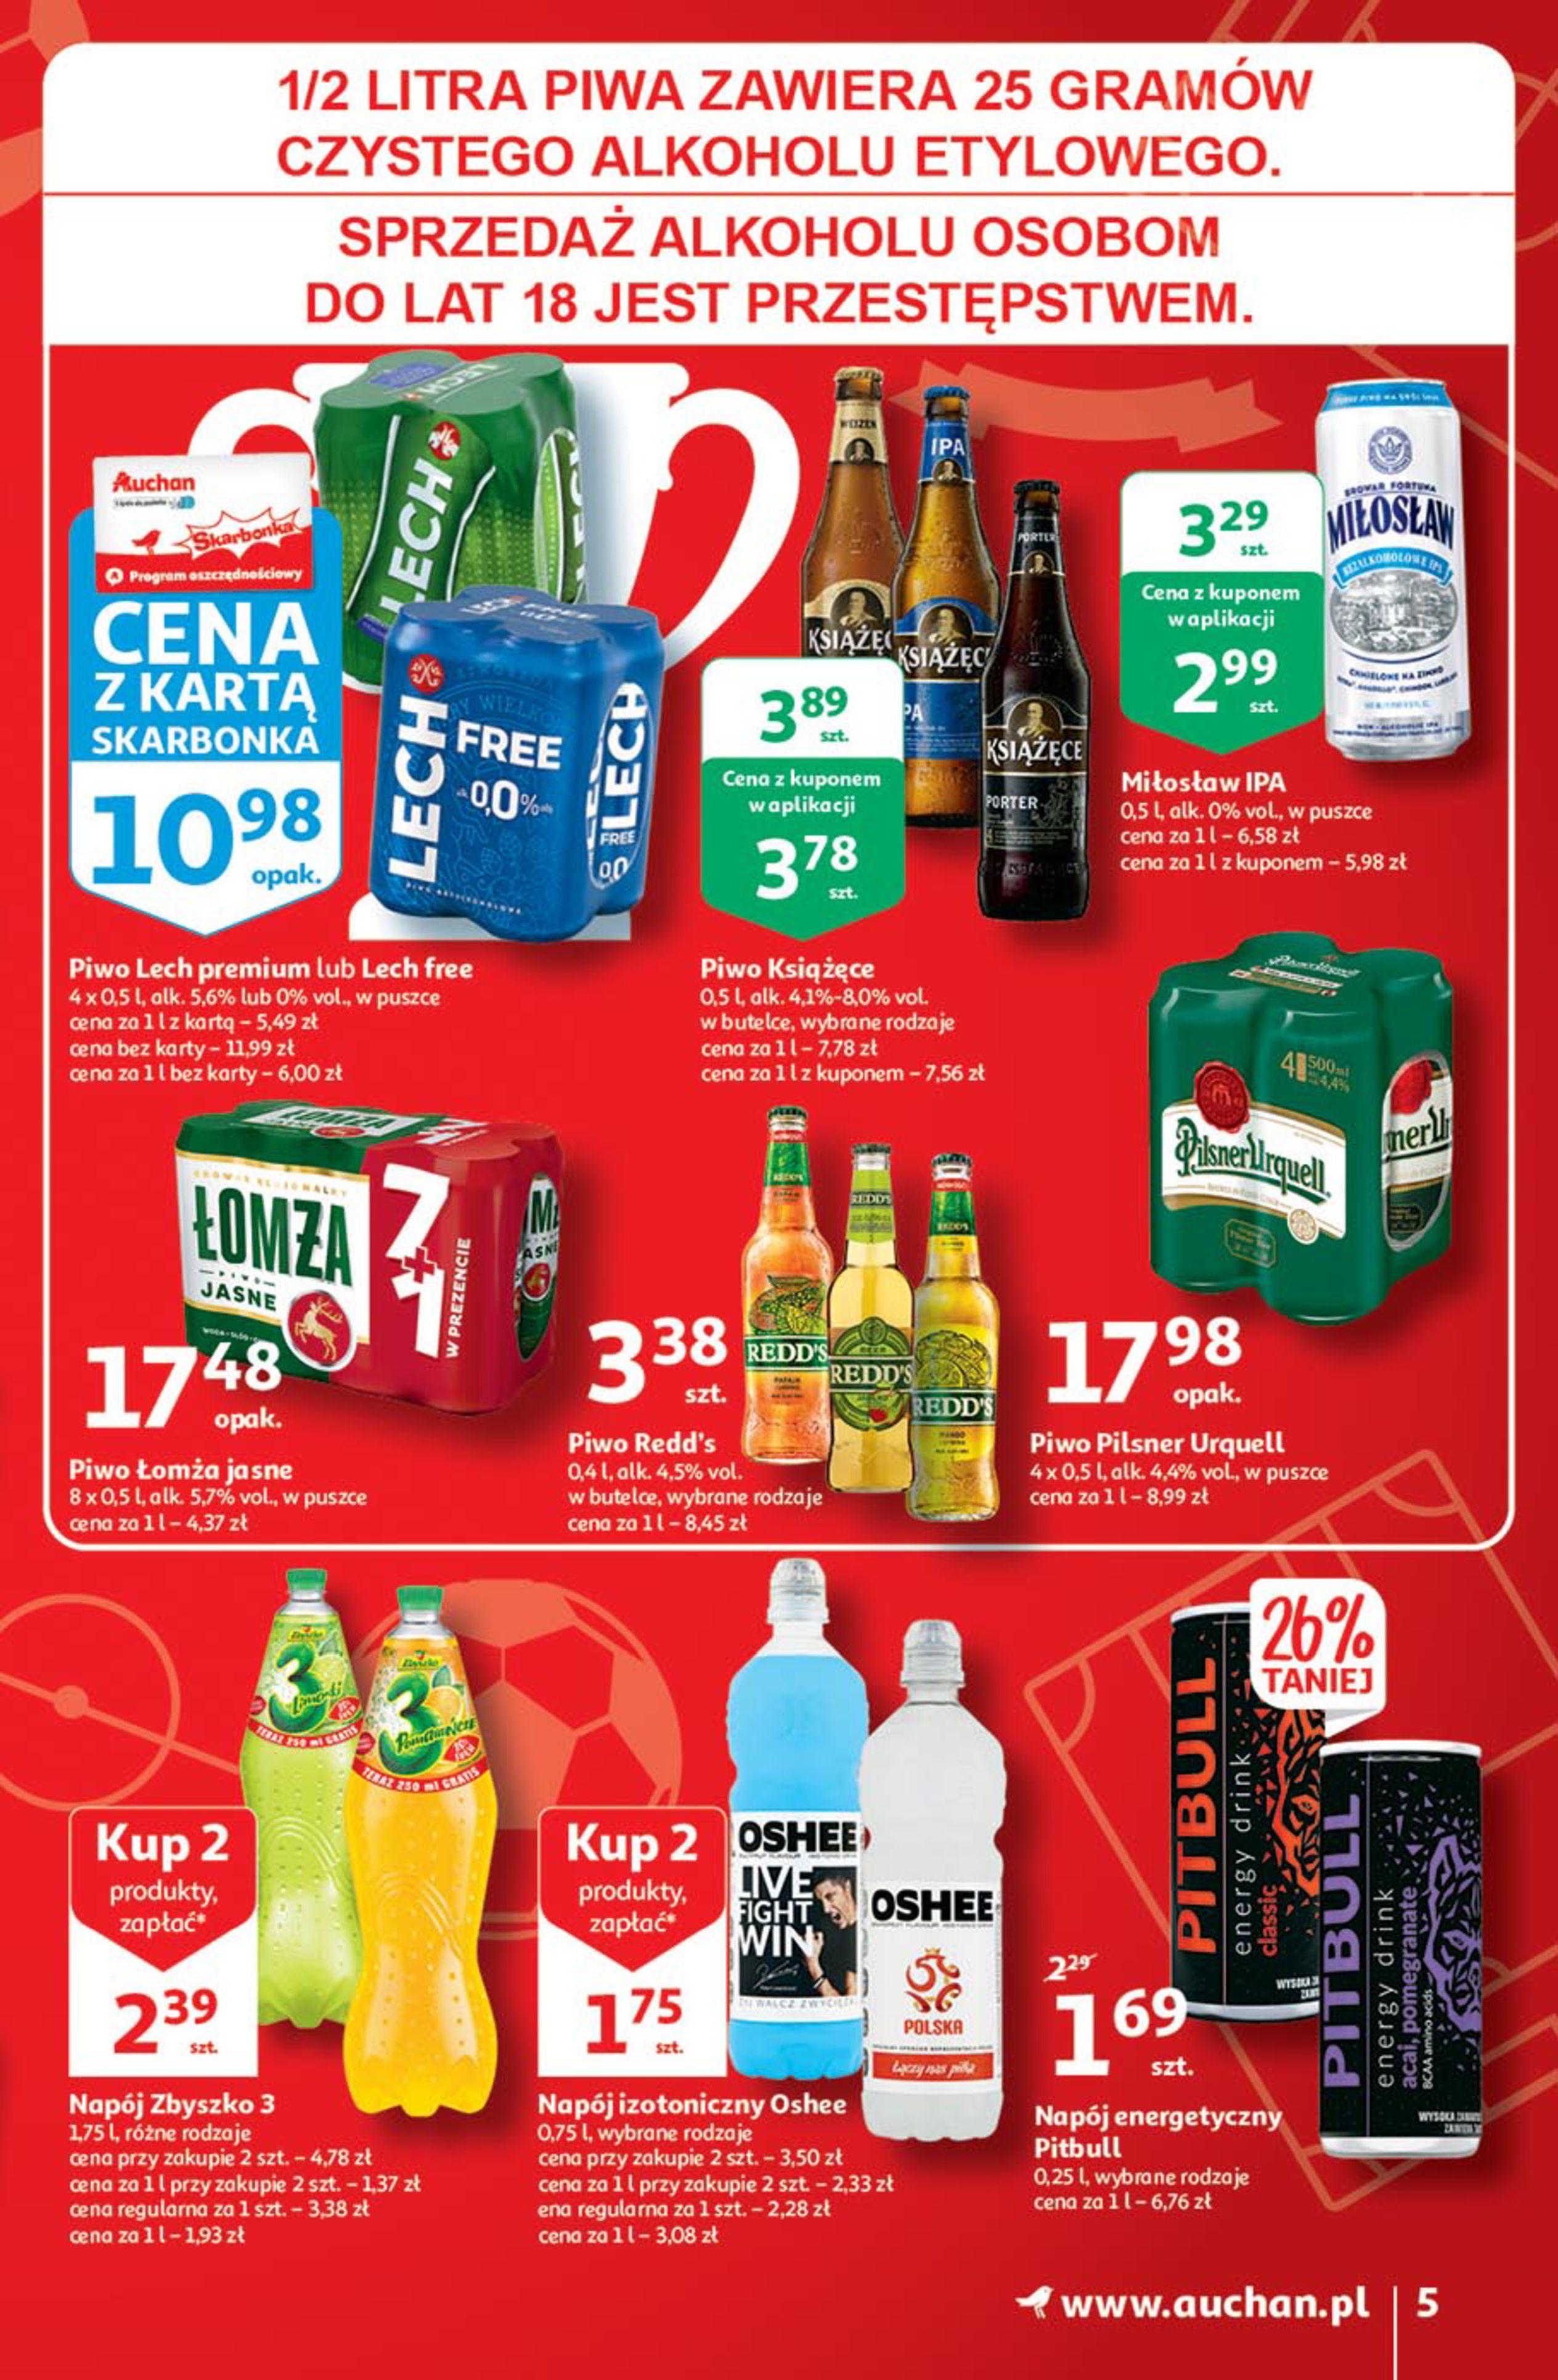 Gazetka Auchan: Gazetka Auchan - Euro 2020 2021-06-10 page-5